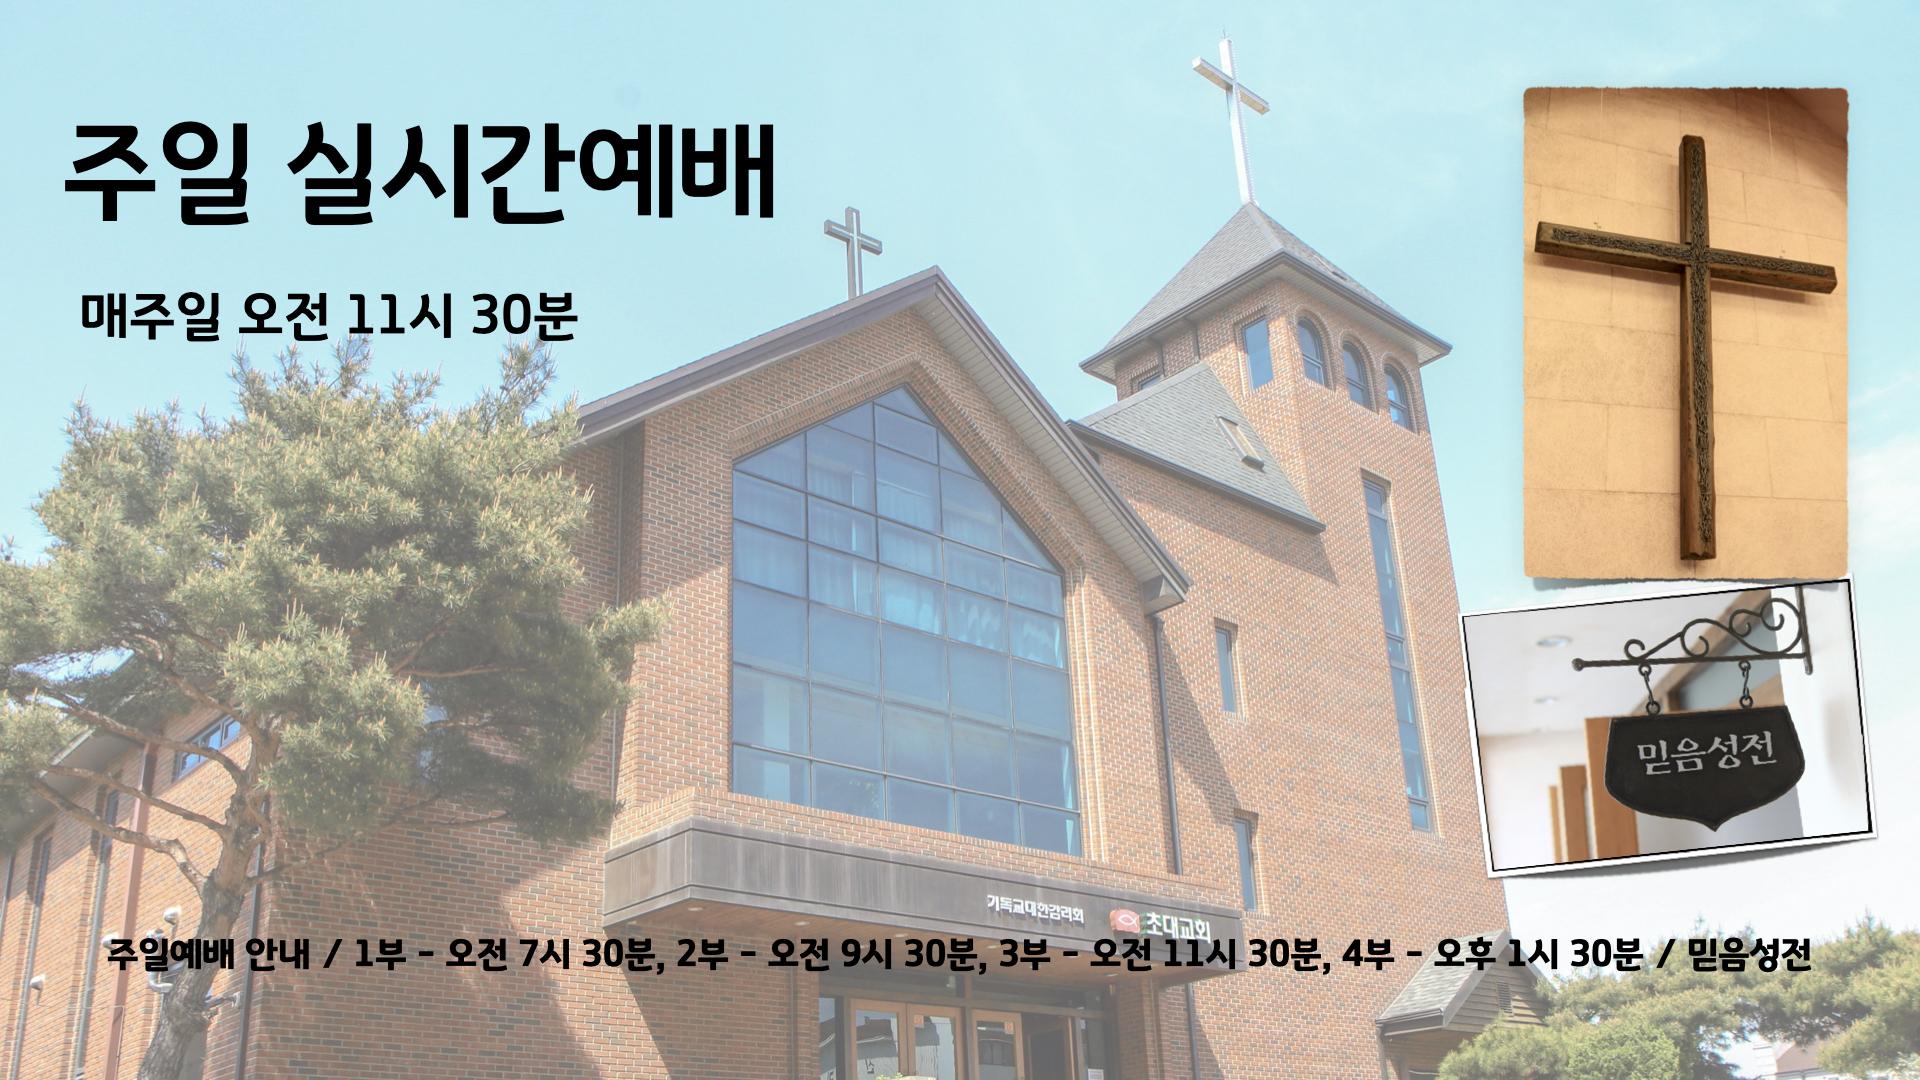 이미지를 클릭하시면 초대교회 온라인예배를 보실 수 있습니다.